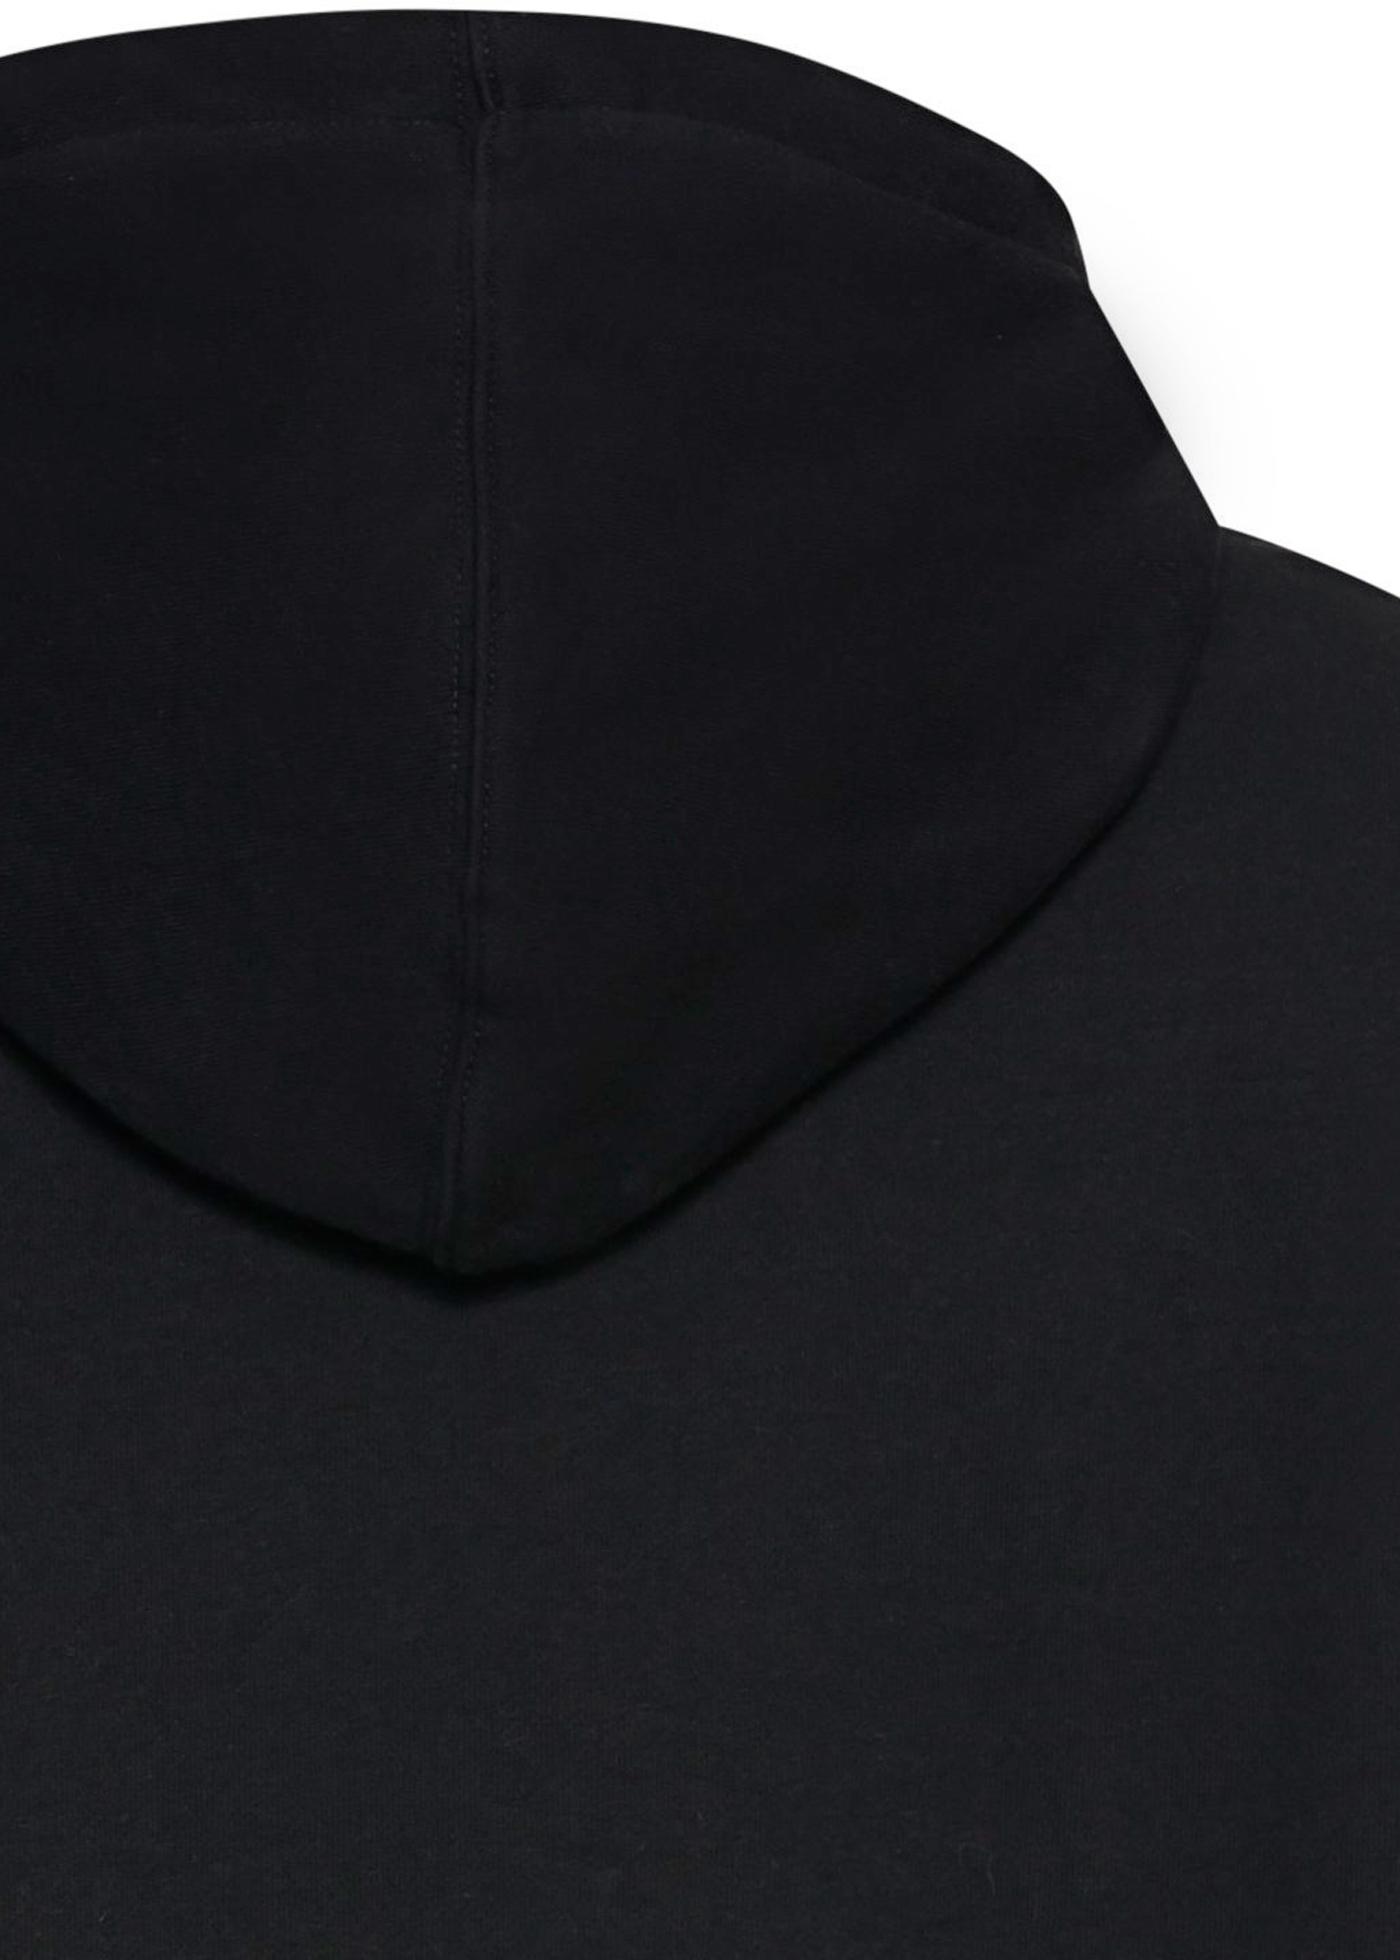 kross biggie hoodie jet black image number 3